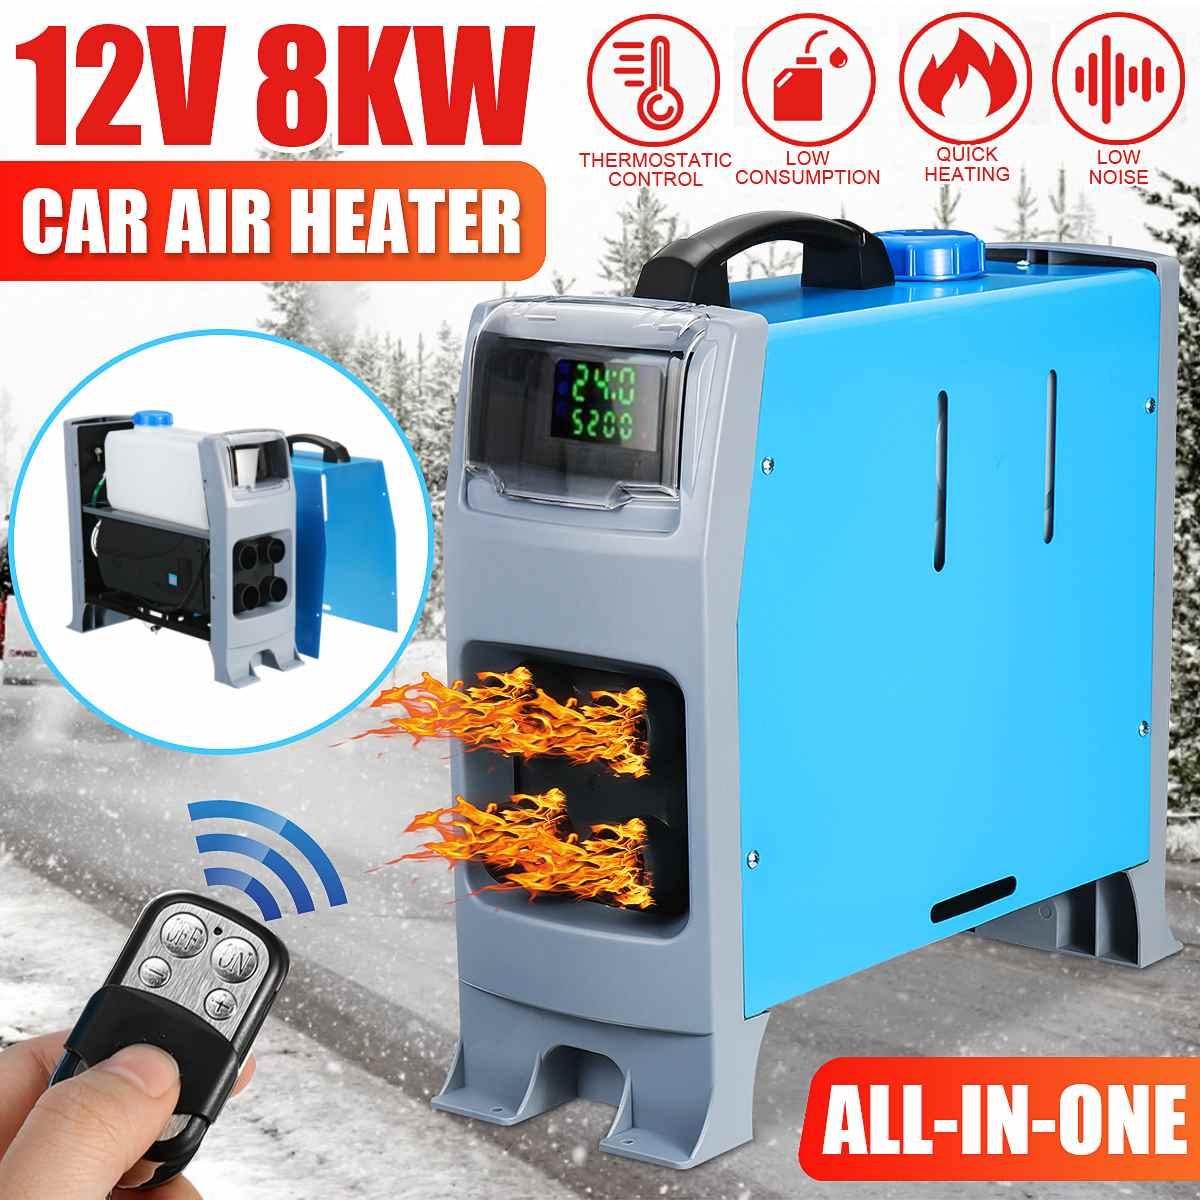 Chauffe-Air électrique tout-en-un pour voiture   8000W, 4 trous, chauffage rapide de l'air, moniteur LCD, Parking, pour bateau et Bus RV, 8KW, nouveau